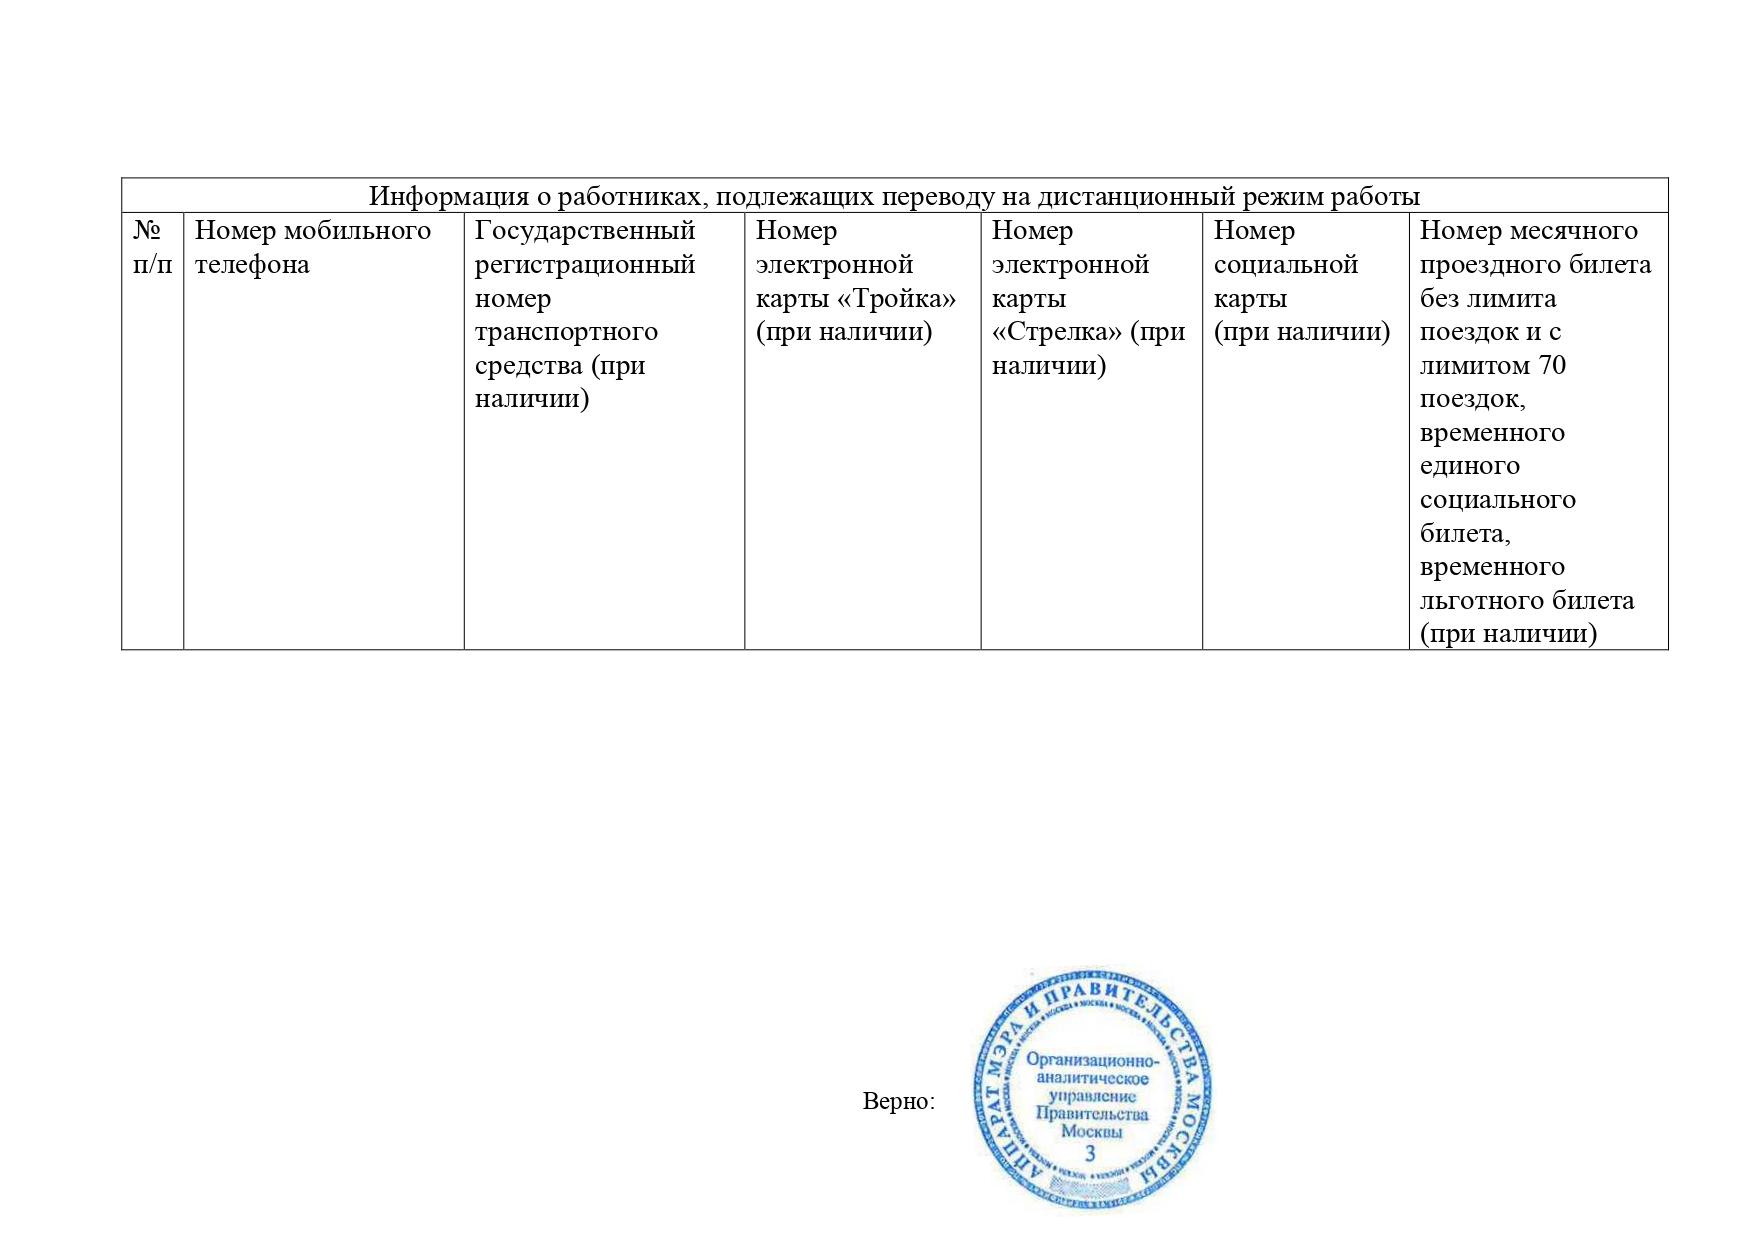 Приложение 4 к указу Мэра Москвы от 5 марта 2020 г. № 12-УМ Перечень сведений о работниках организаций и индивидуальных предпринимателей